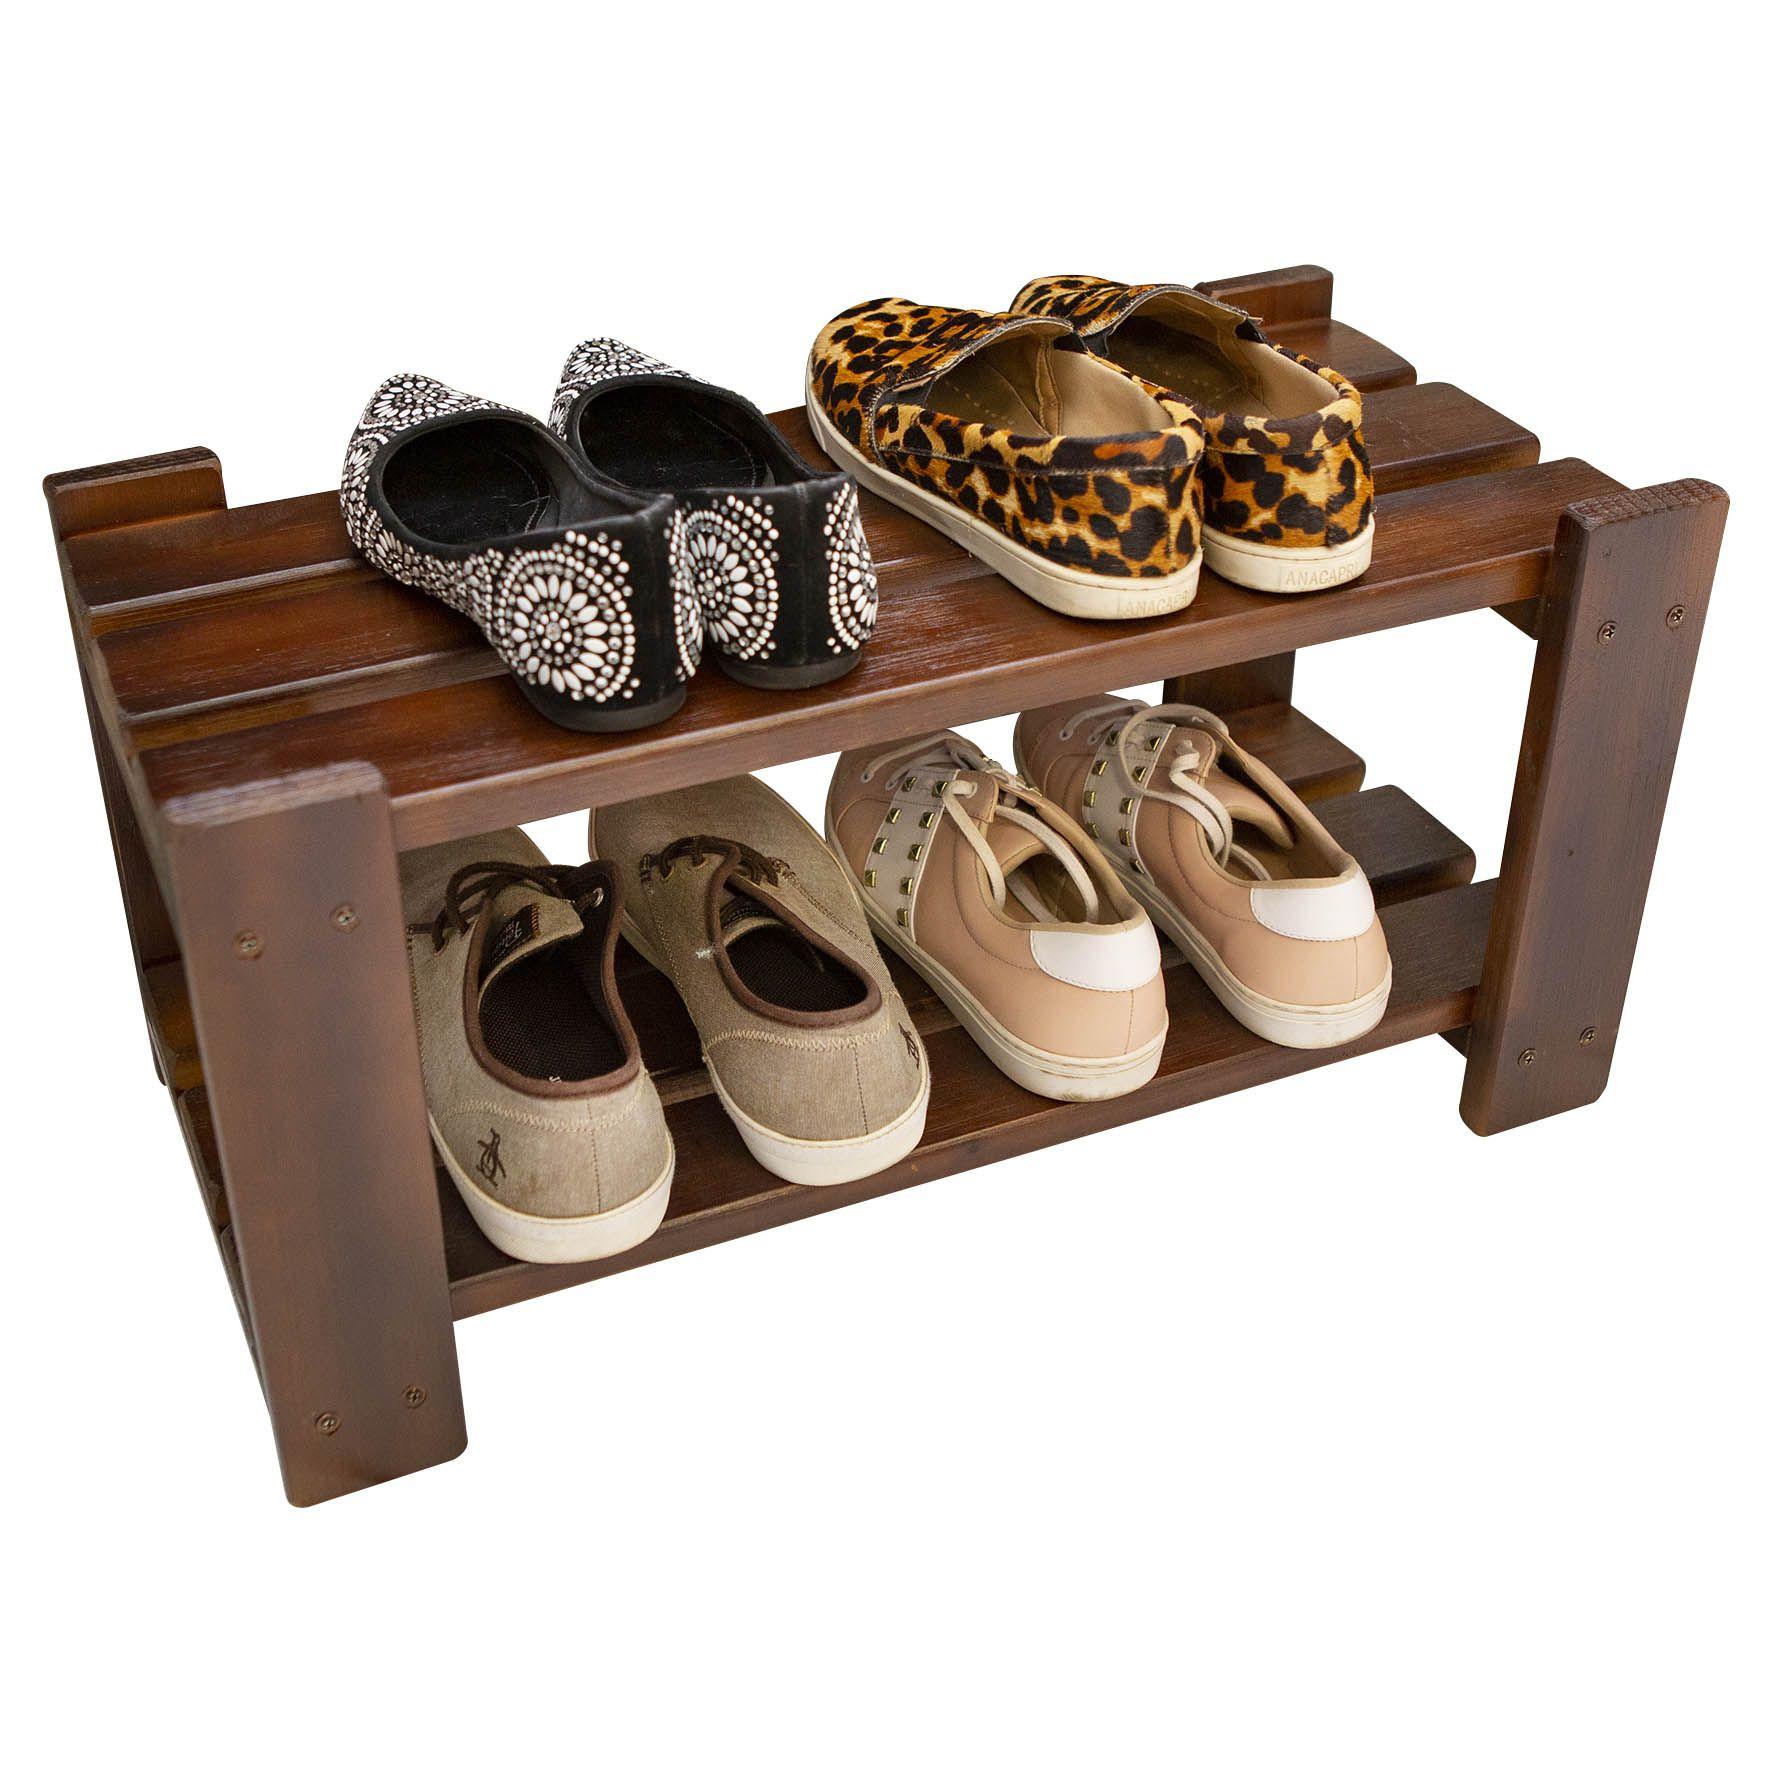 Sapateira em Madeira para Organizar Sapatos Cor Imbuia